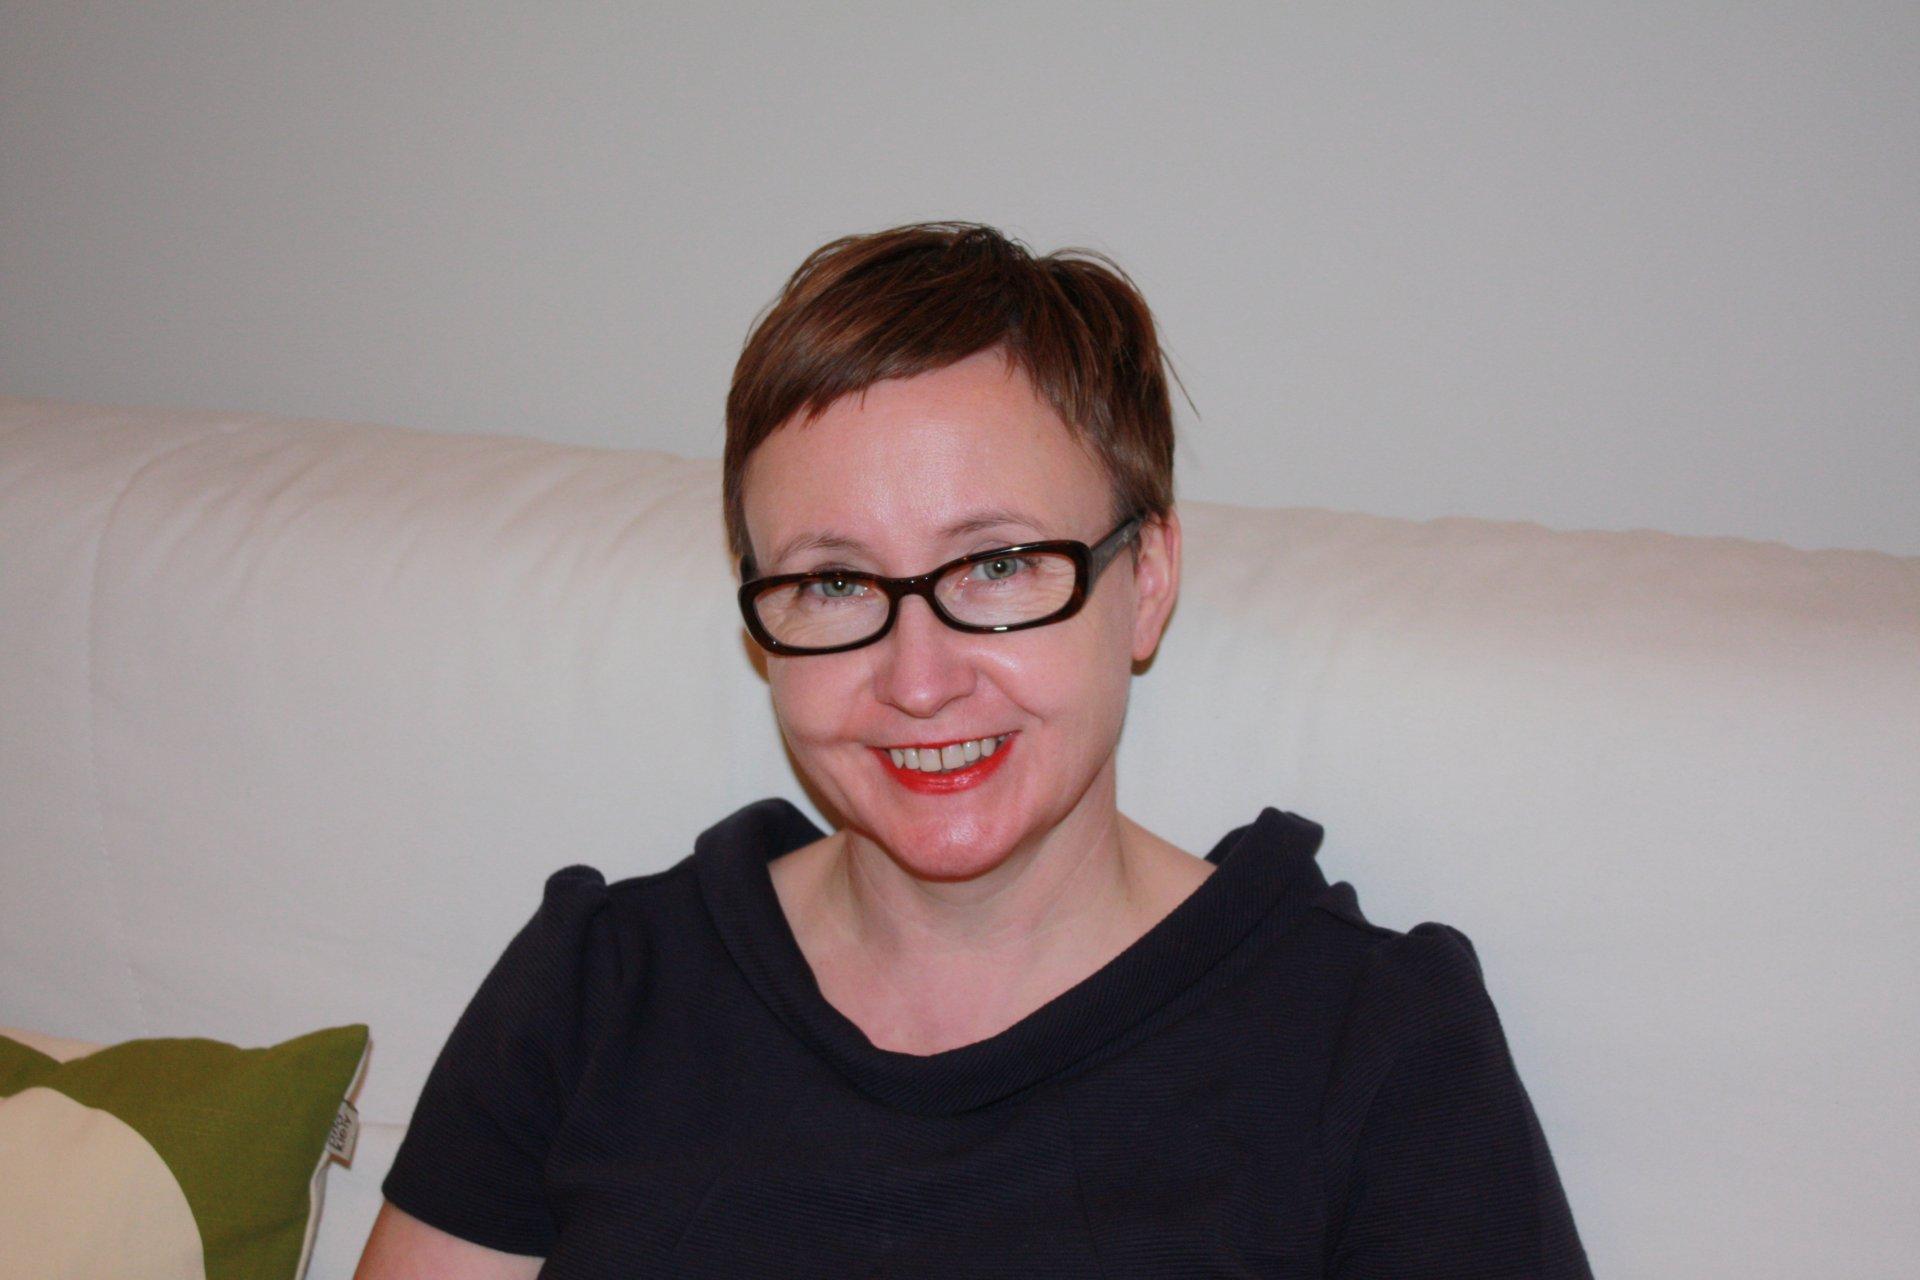 Professor Tracey Warren https://www.nottingham.ac.uk/business/people/lqztw.html